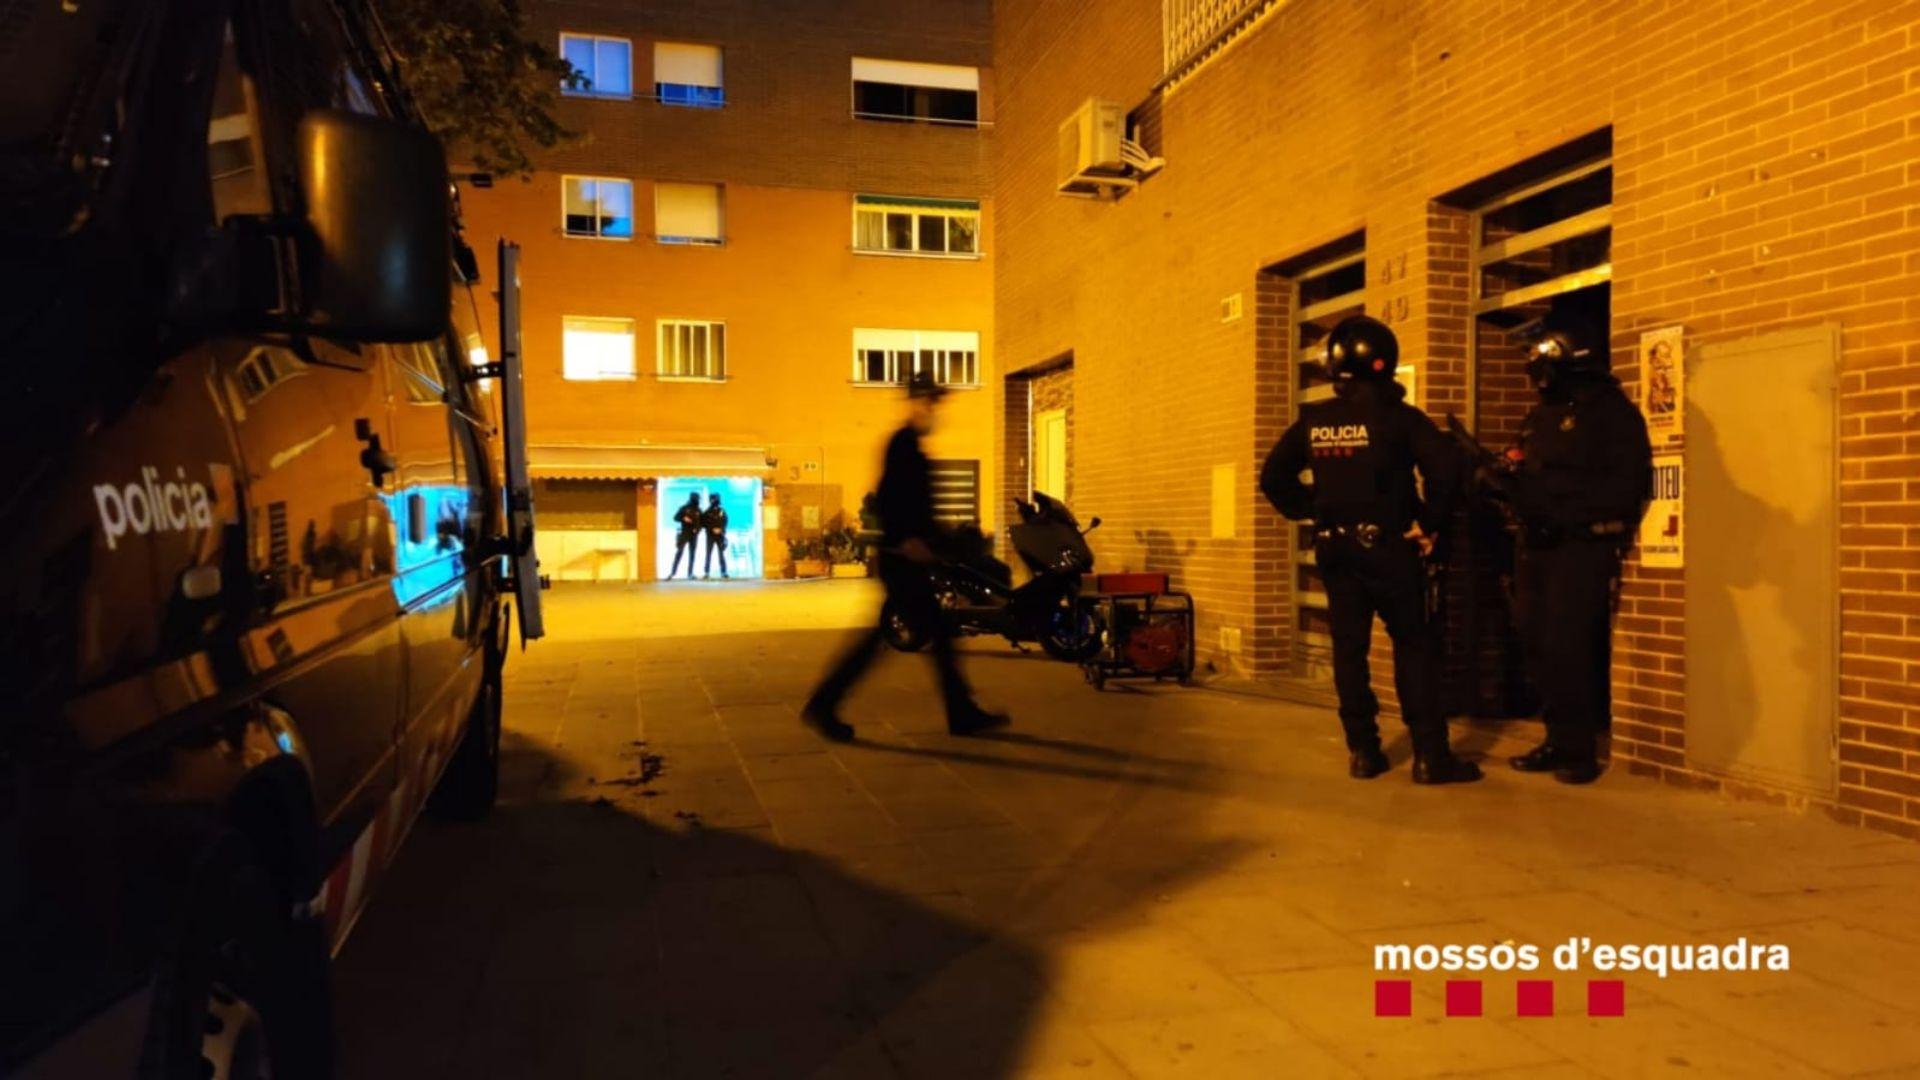 operacio mossos narcotrafic Zona Franca